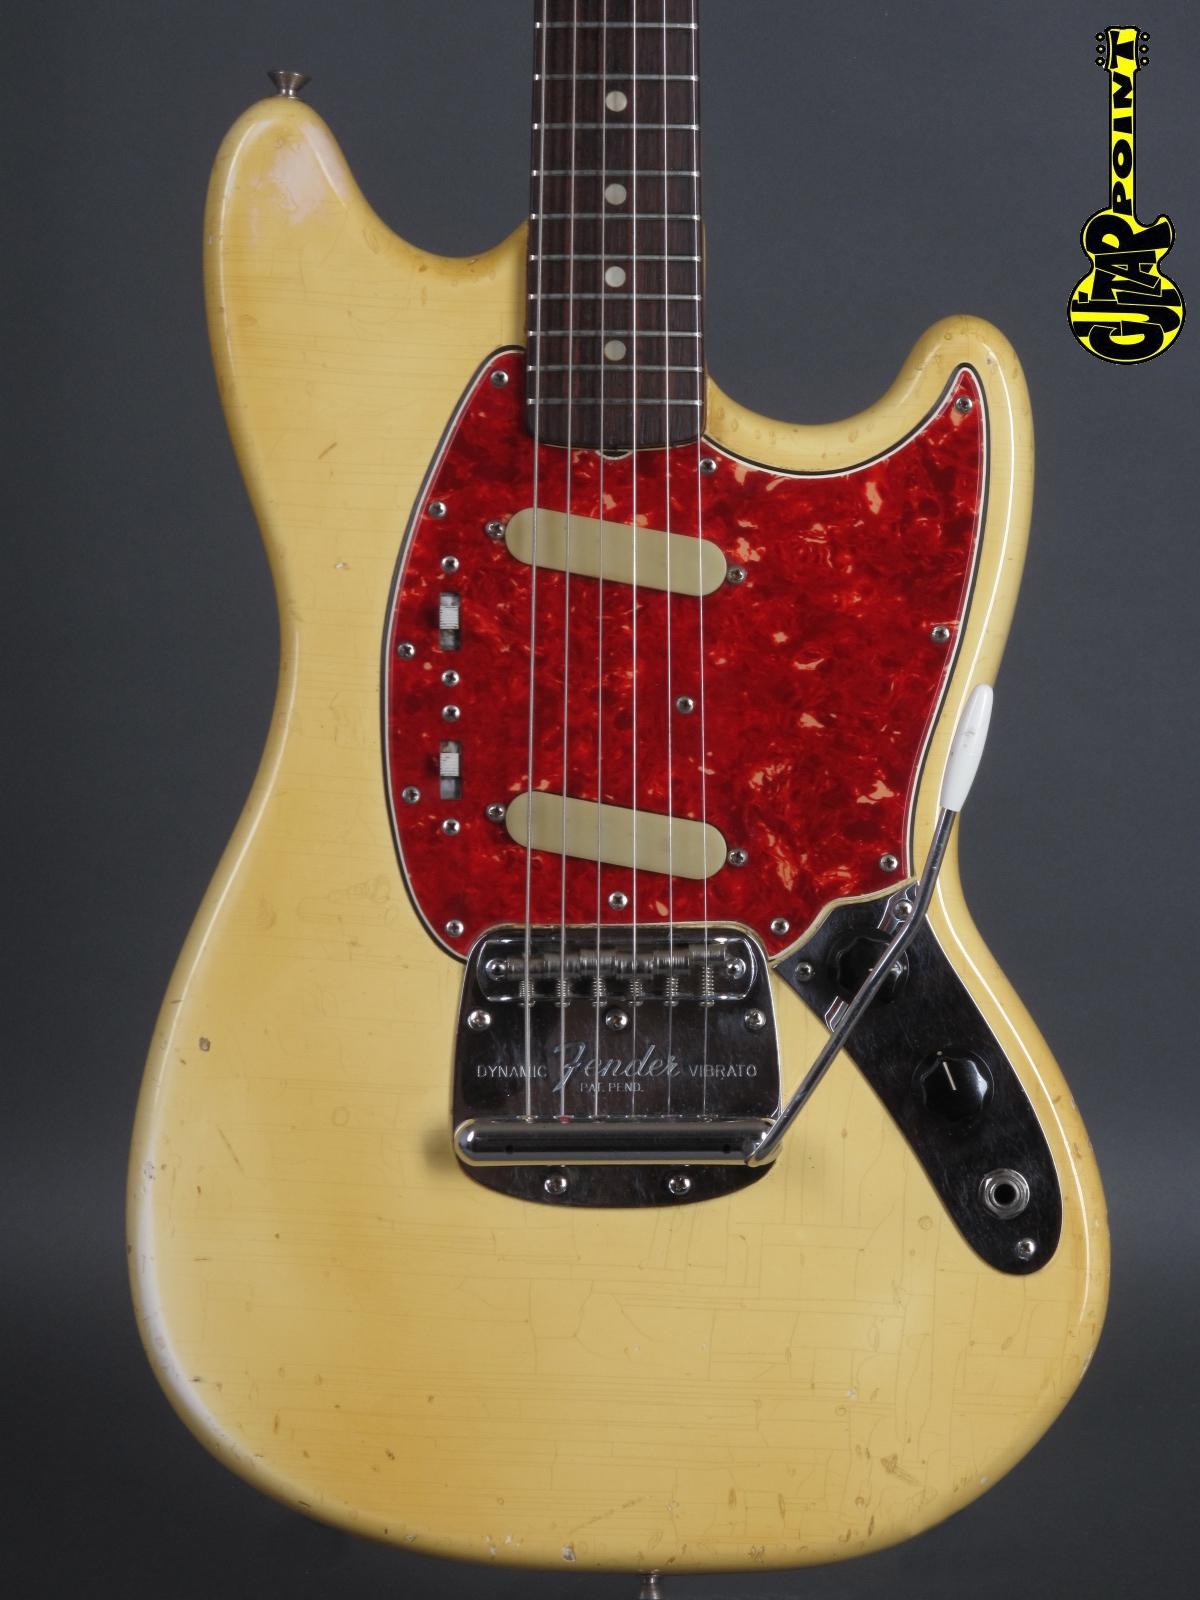 1966 Fender Mustang - Olympic White